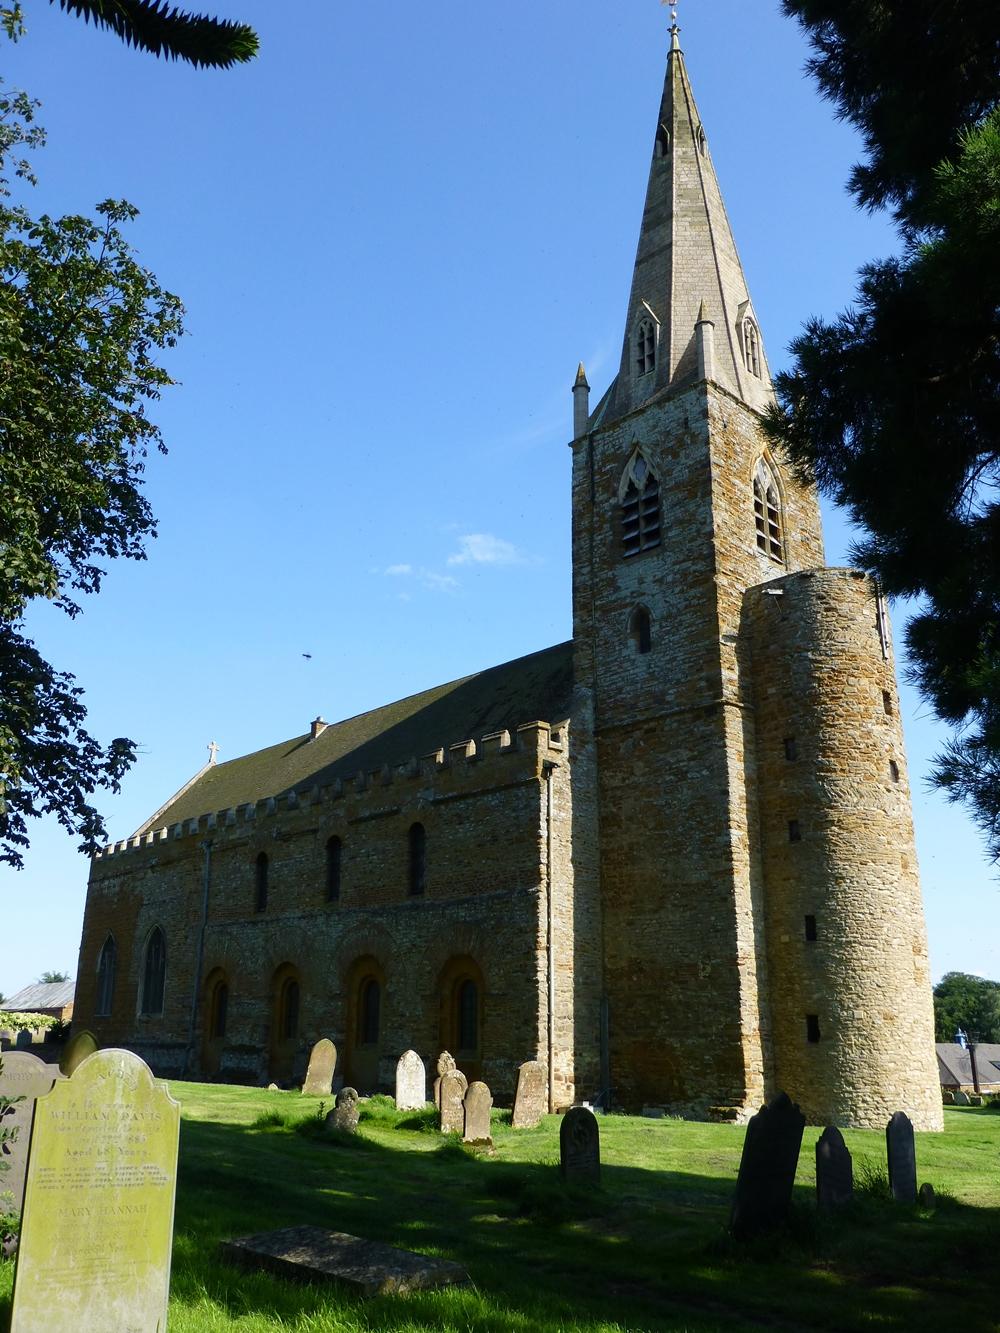 Brixworth Saxon Church © essentially-england.com